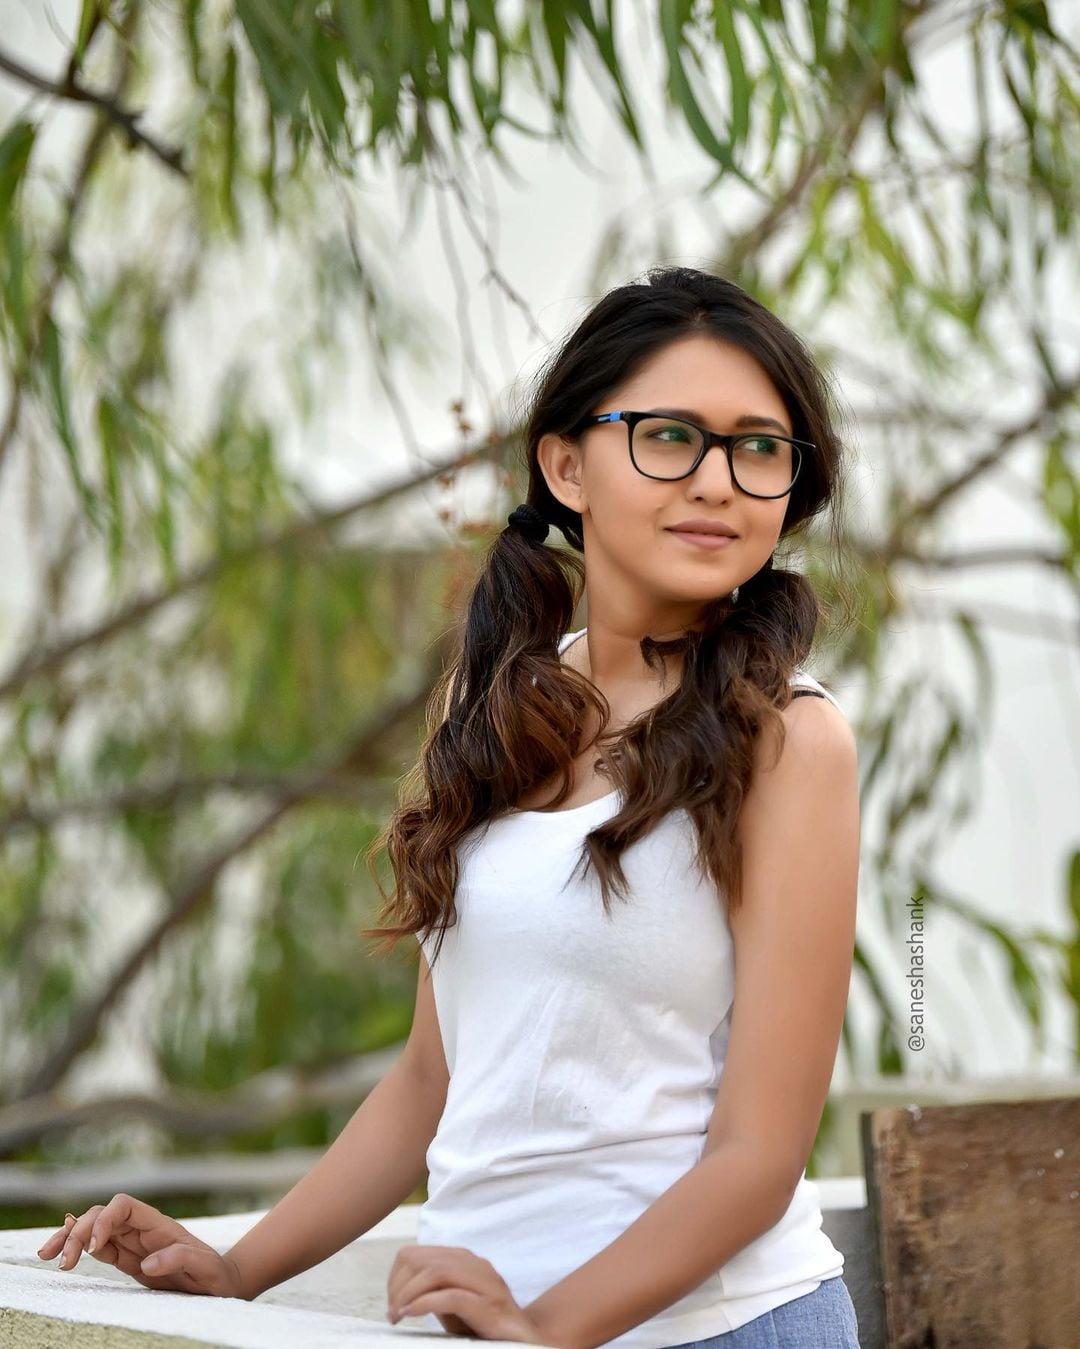 गौतमी ही प्रसिद्ध अभिनेत्री मृण्मणी देशपांडे हिची बहिण आहे. ती देखील आपल्या बहिणी प्रमाणेच एक उत्तम अभिनेत्री आहे. (Gautami Deshpande/Instagram)